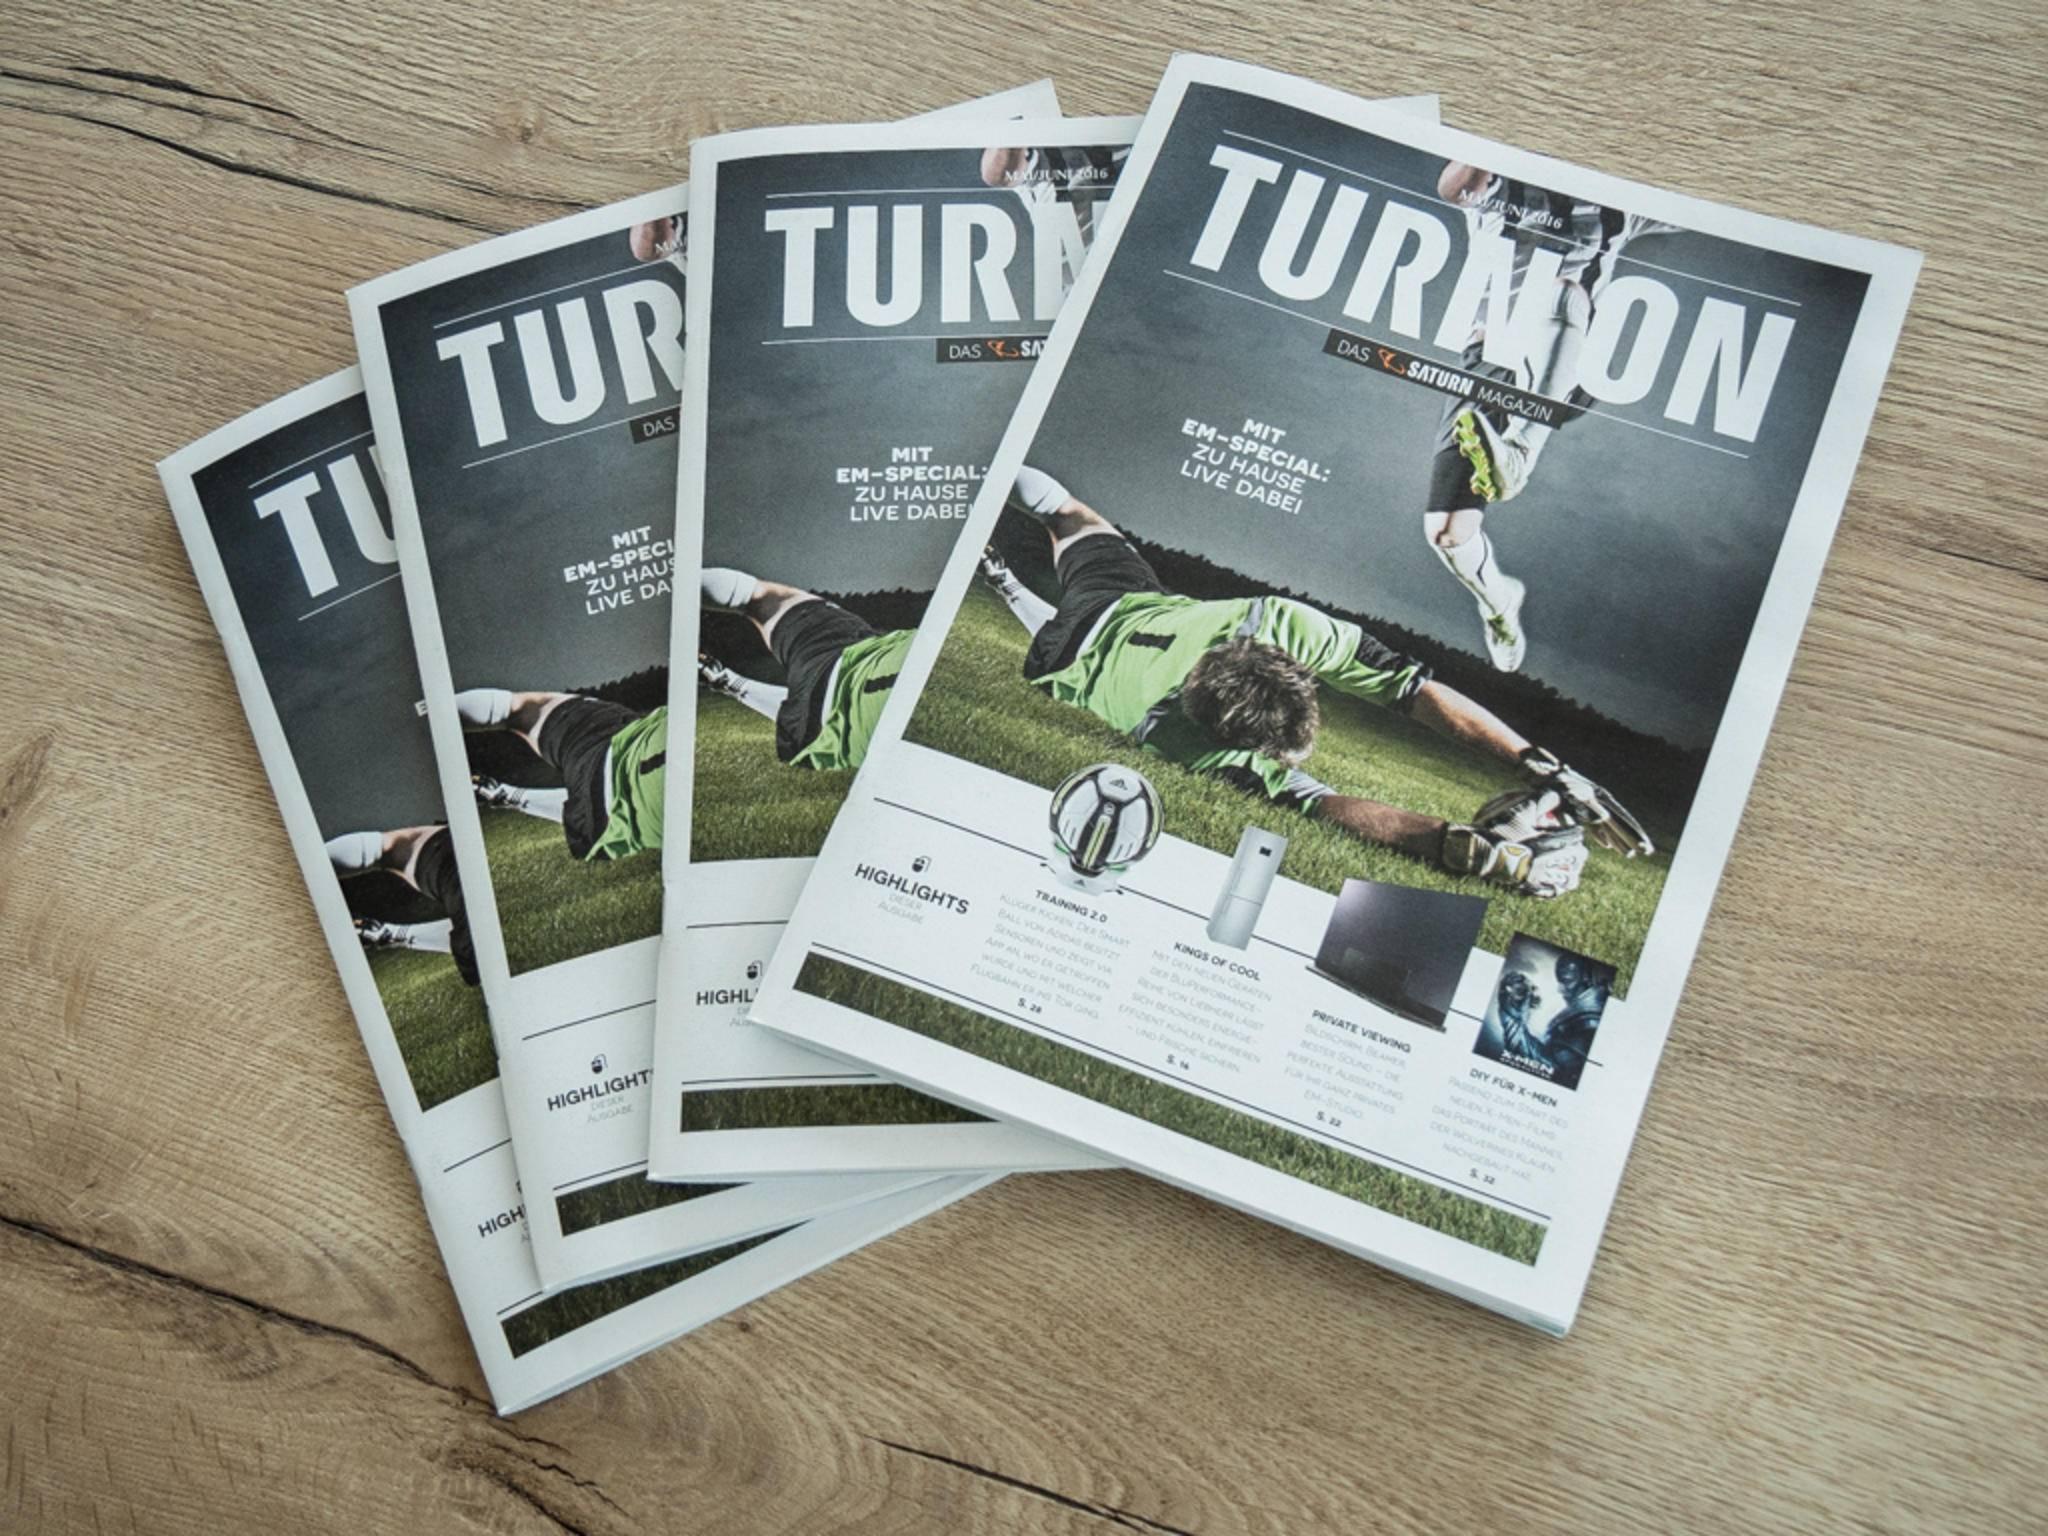 Passend zur EM 2016 geht es auch im neuen Magazin um das Thema Fußball.